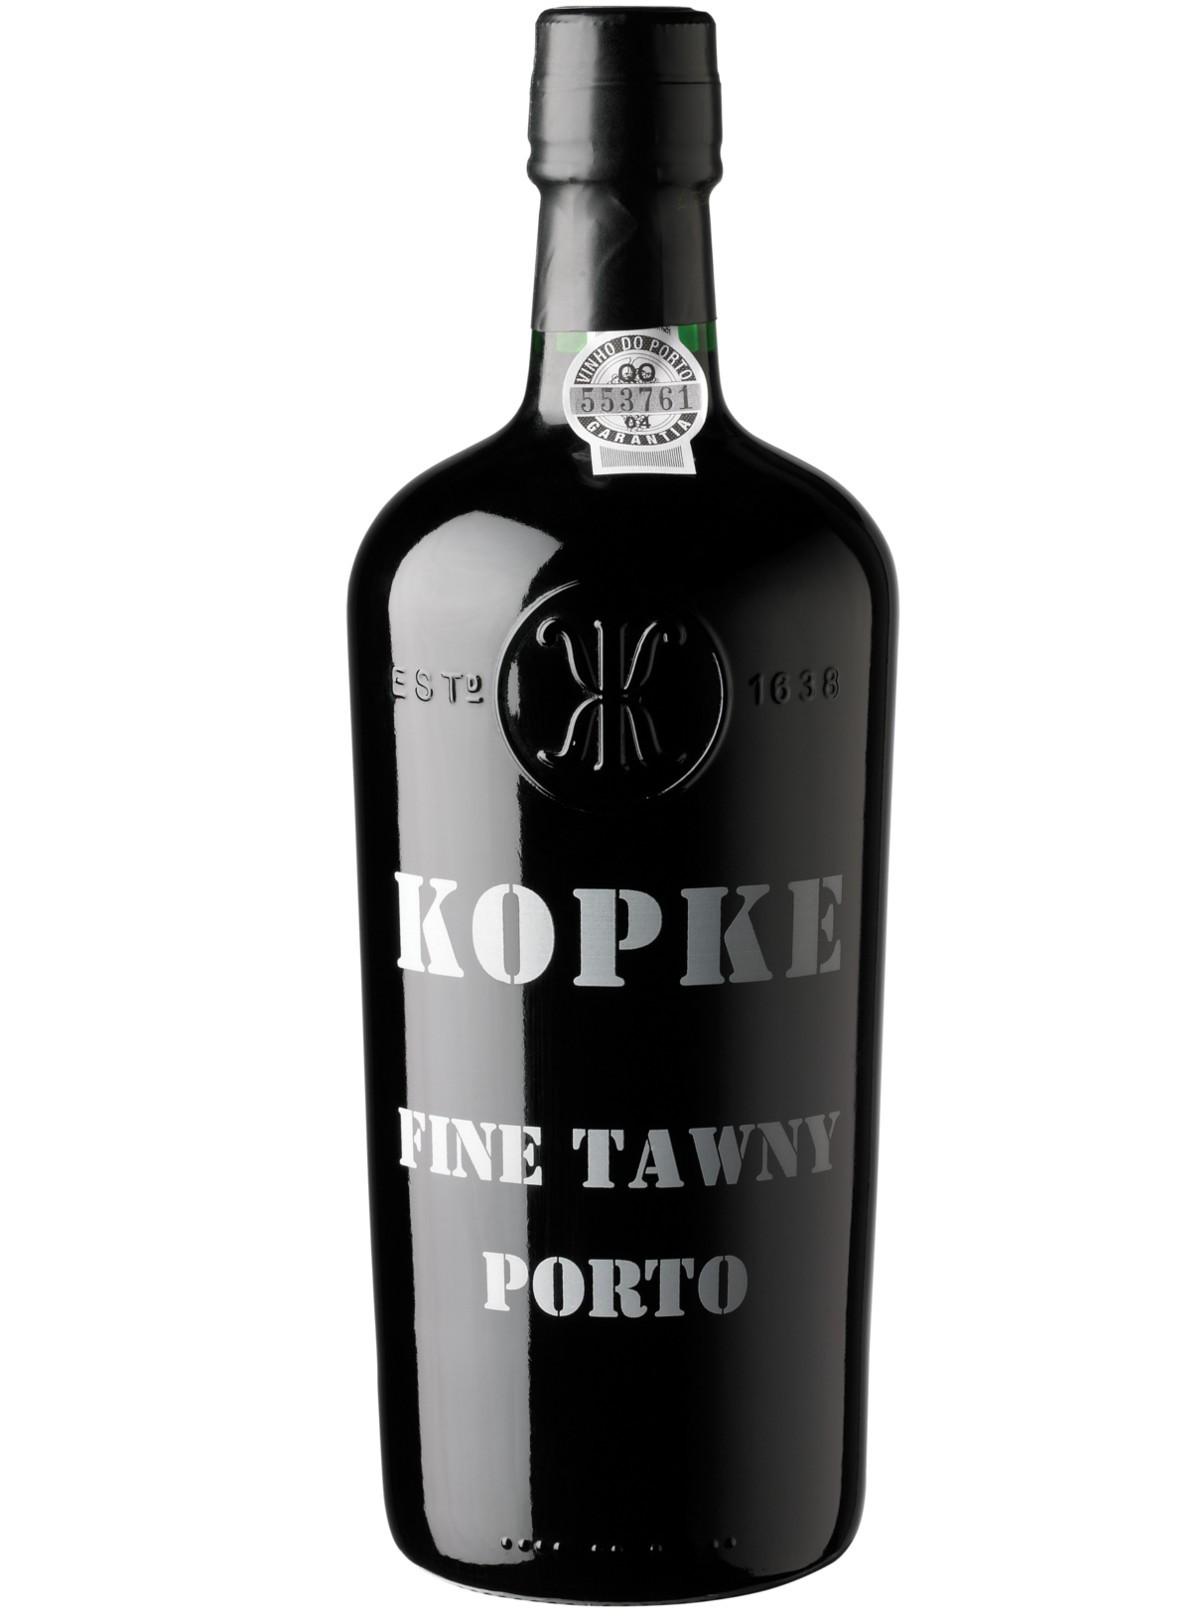 Confezione regalo Porto Fine Tawny Kopke